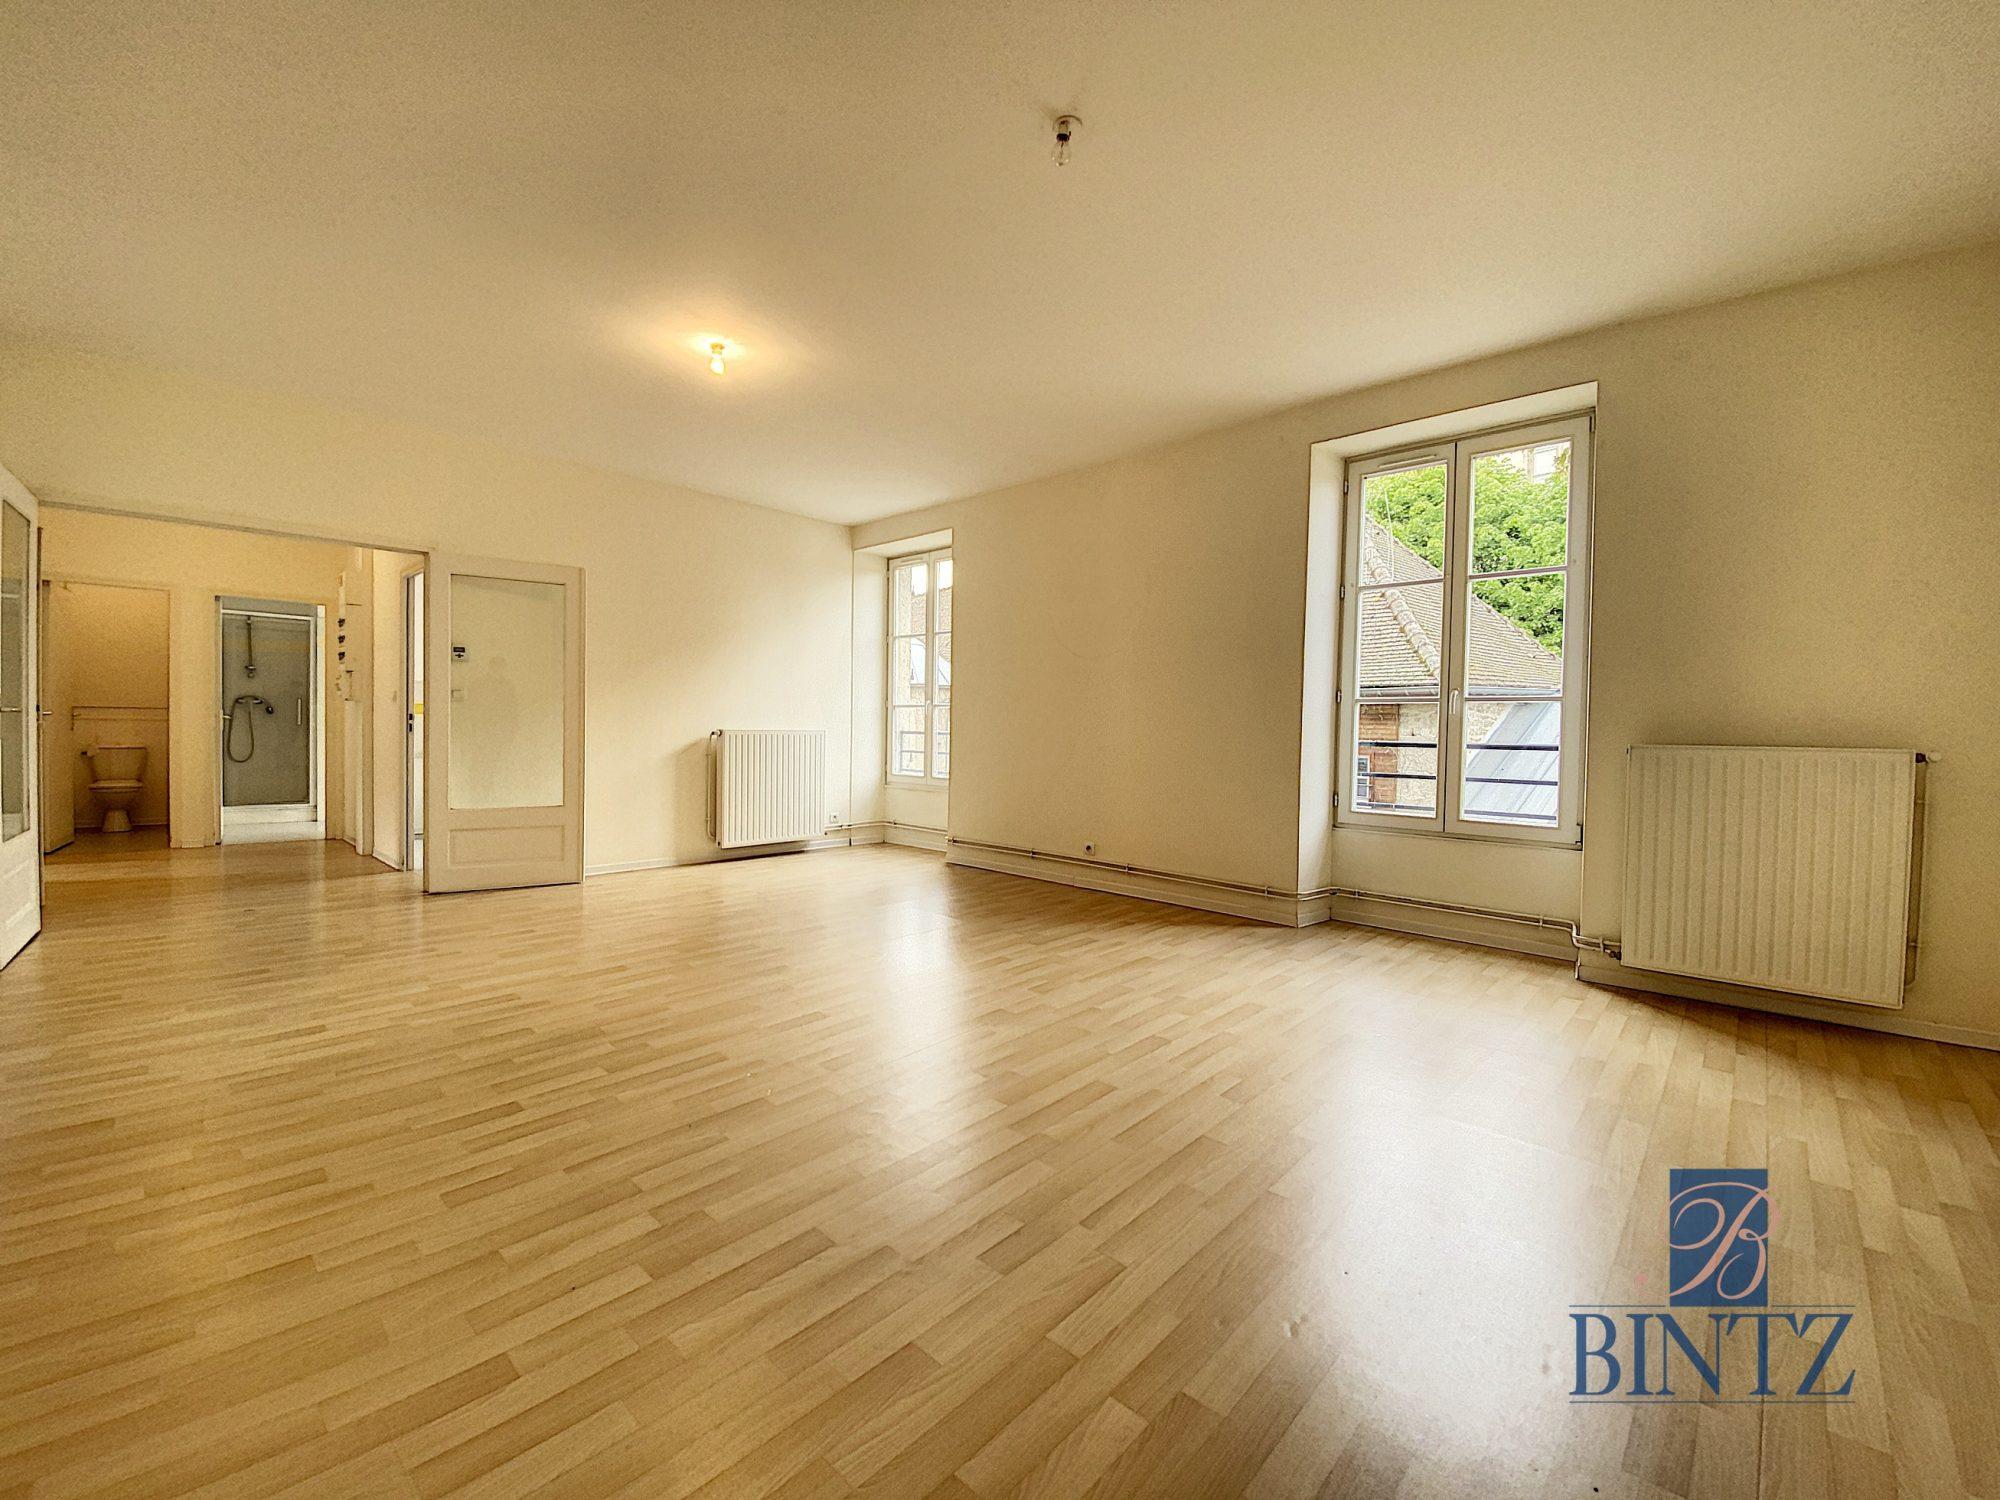 3 pièces toulon/arroux 1er maison de maitre - Devenez locataire en toute sérénité - Bintz Immobilier - 6